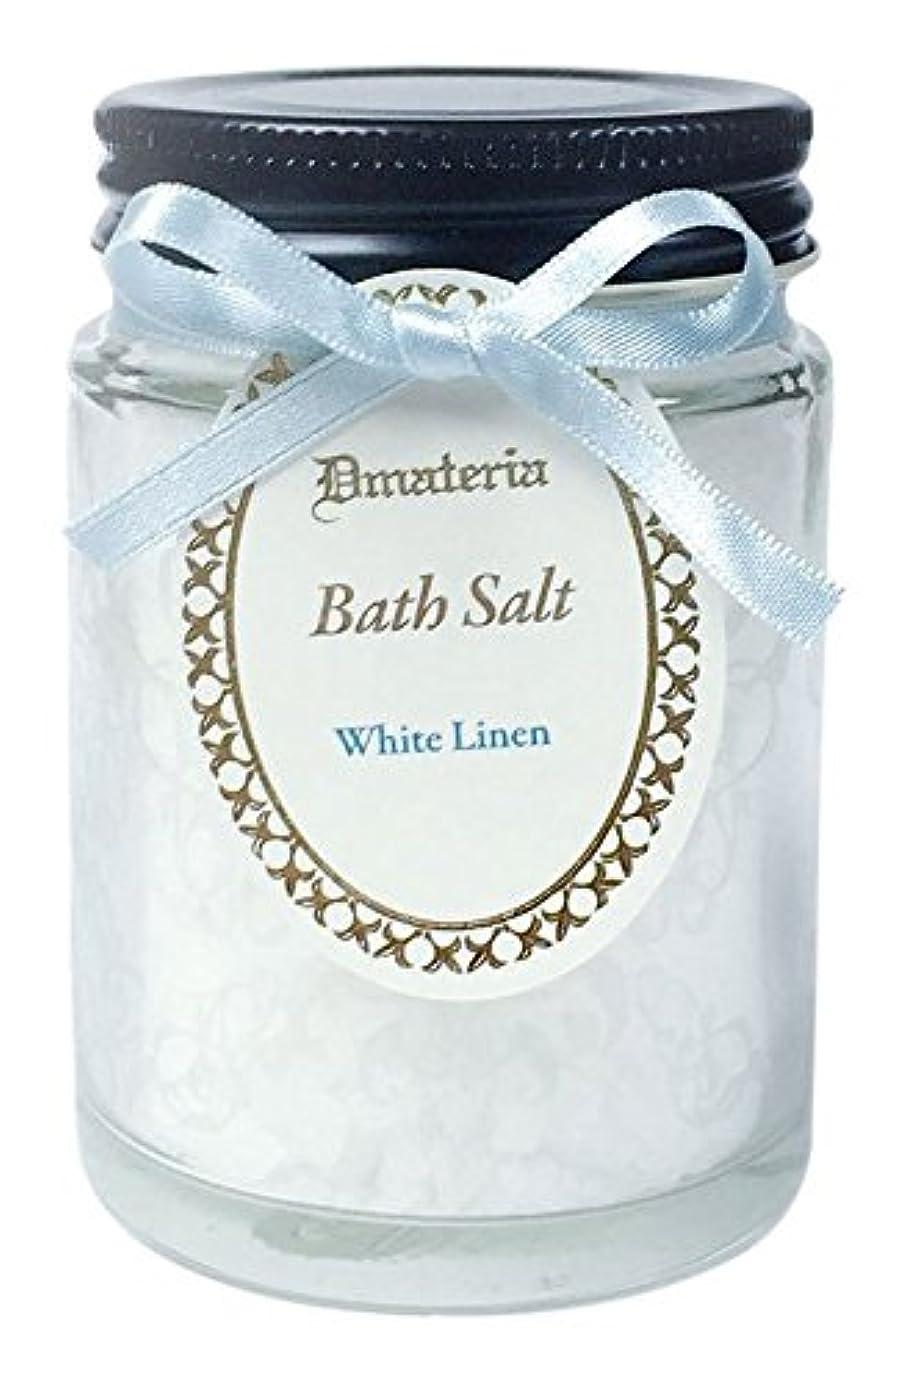 野球割り当てますエンティティD materia バスソルト ホワイトリネン White Linen Bath Salt ディーマテリア